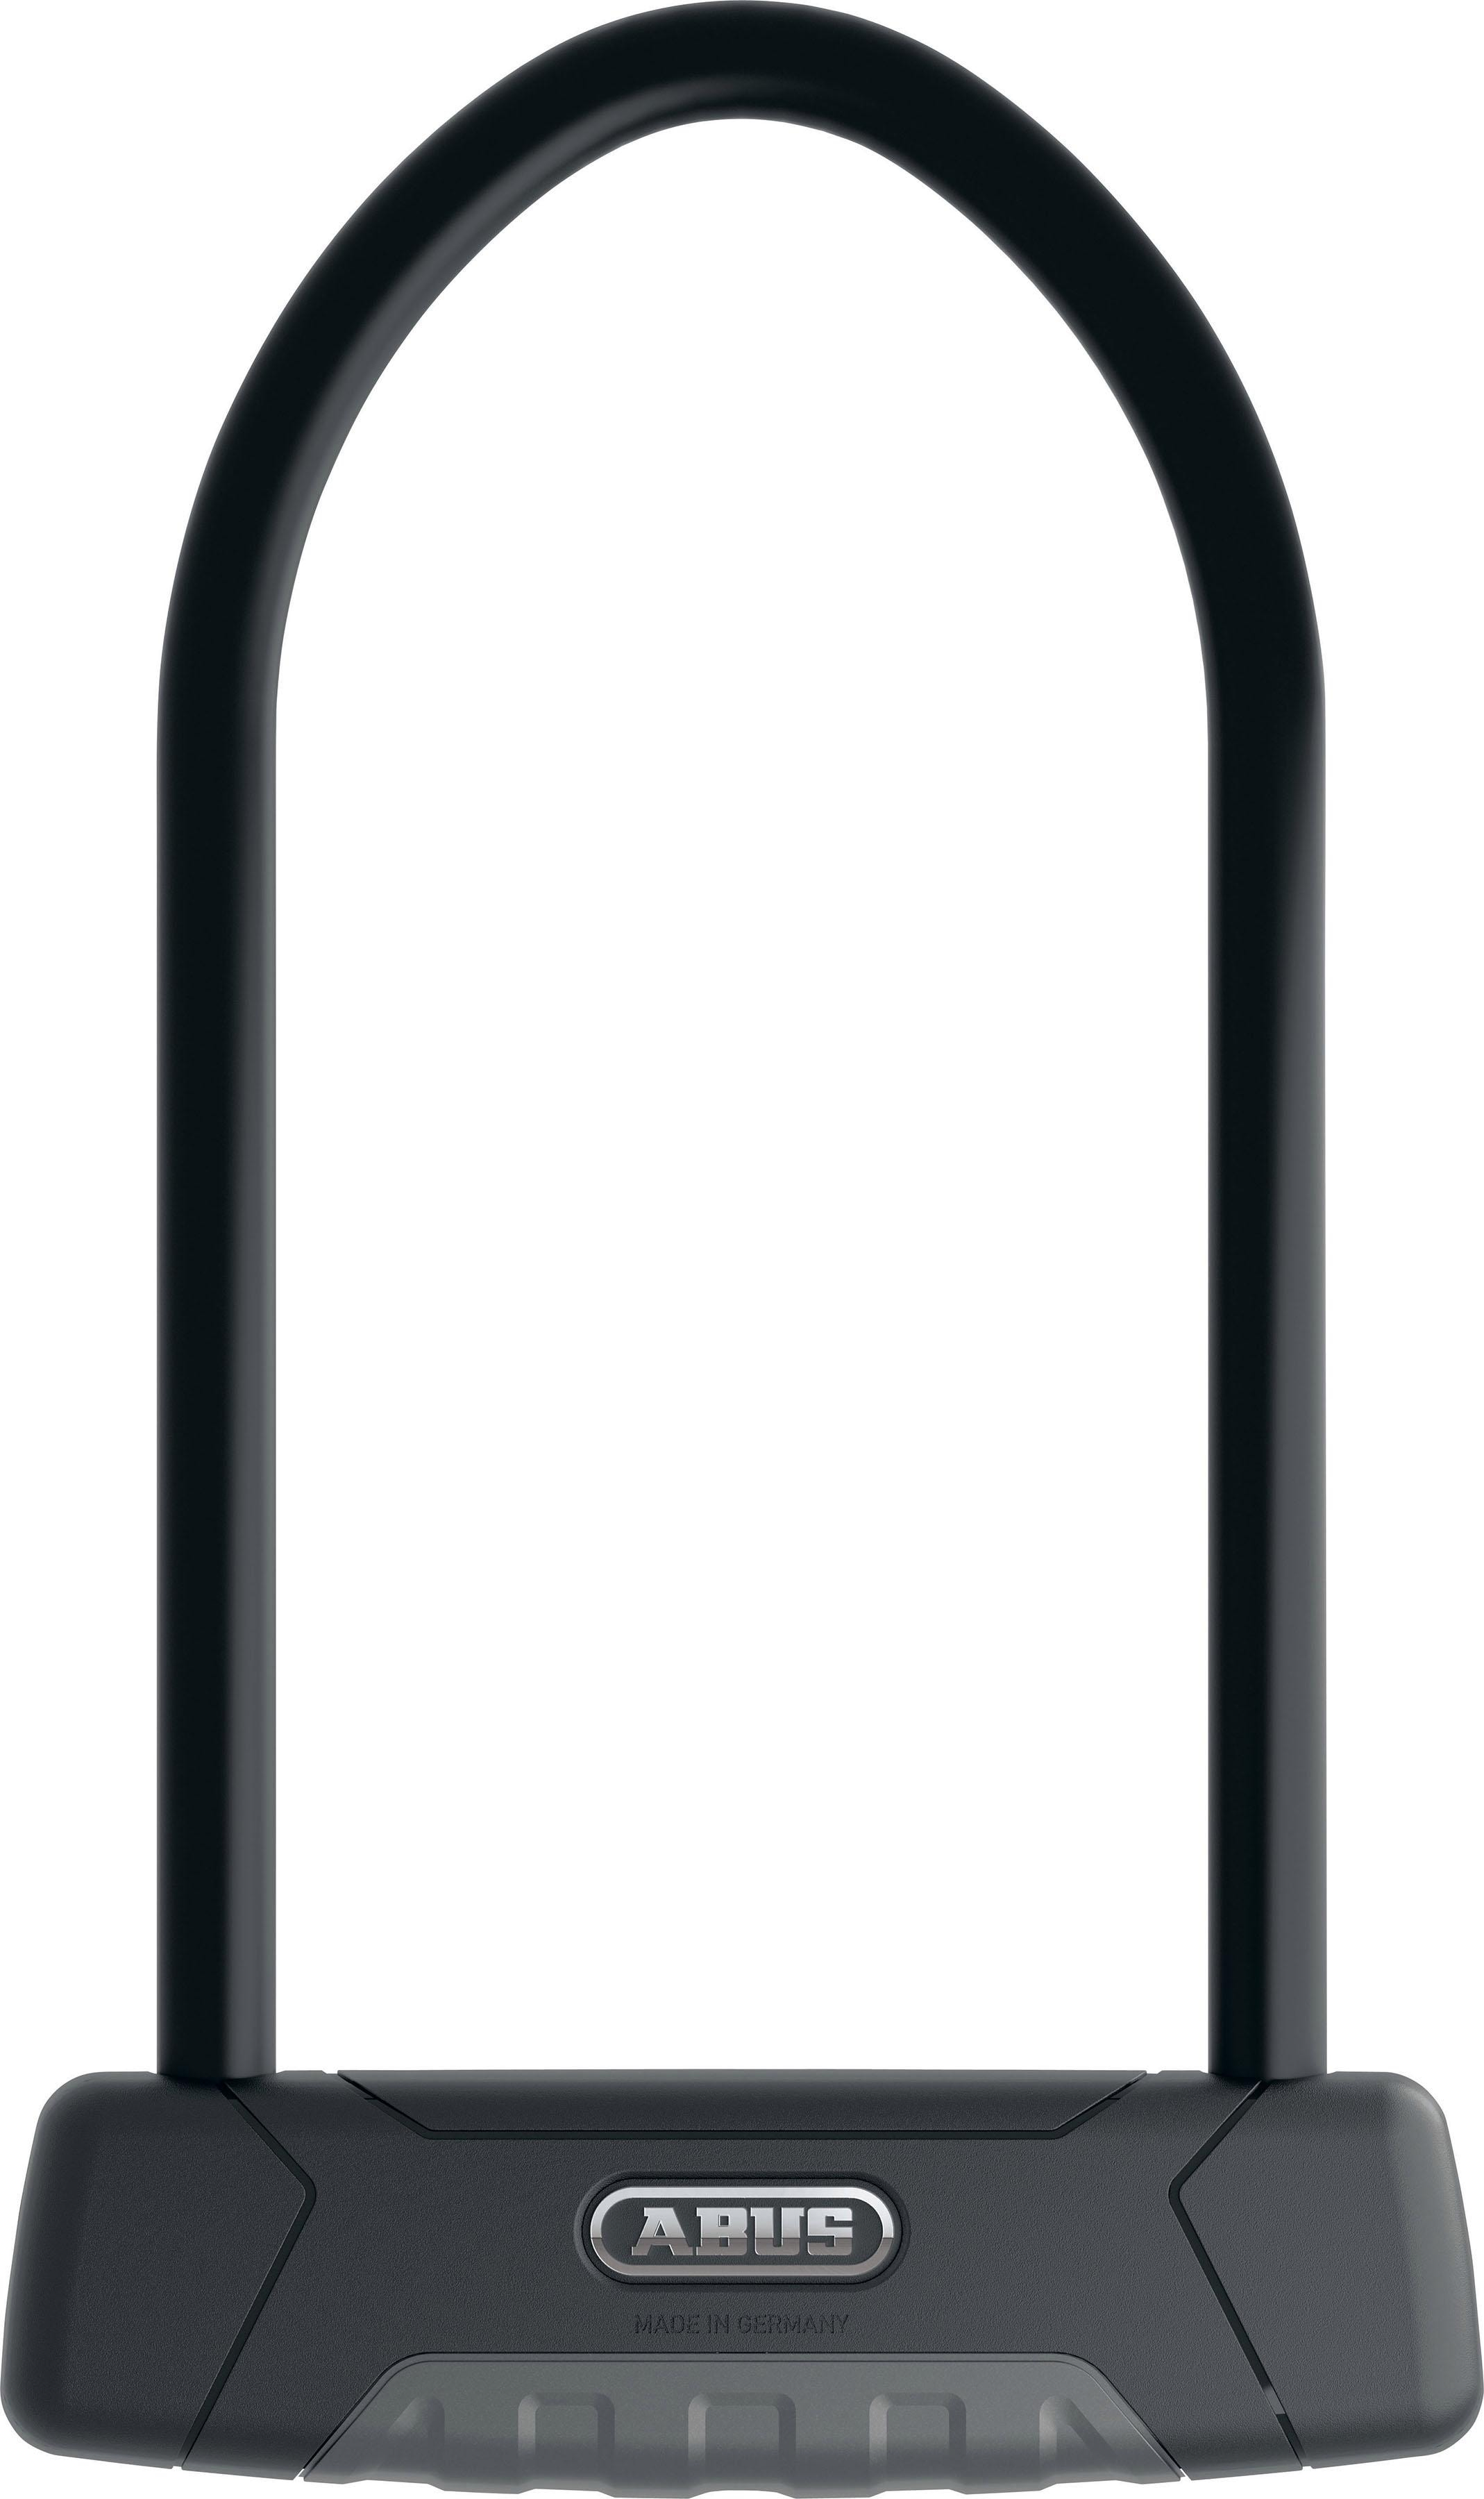 ABUS Bügelschloss 470/150HB230+USH470 Technik & Freizeit/Sport & Freizeit/Fahrräder & Zubehör/Fahrradzubehör/Fahrradschlösser/Bügelschlösser